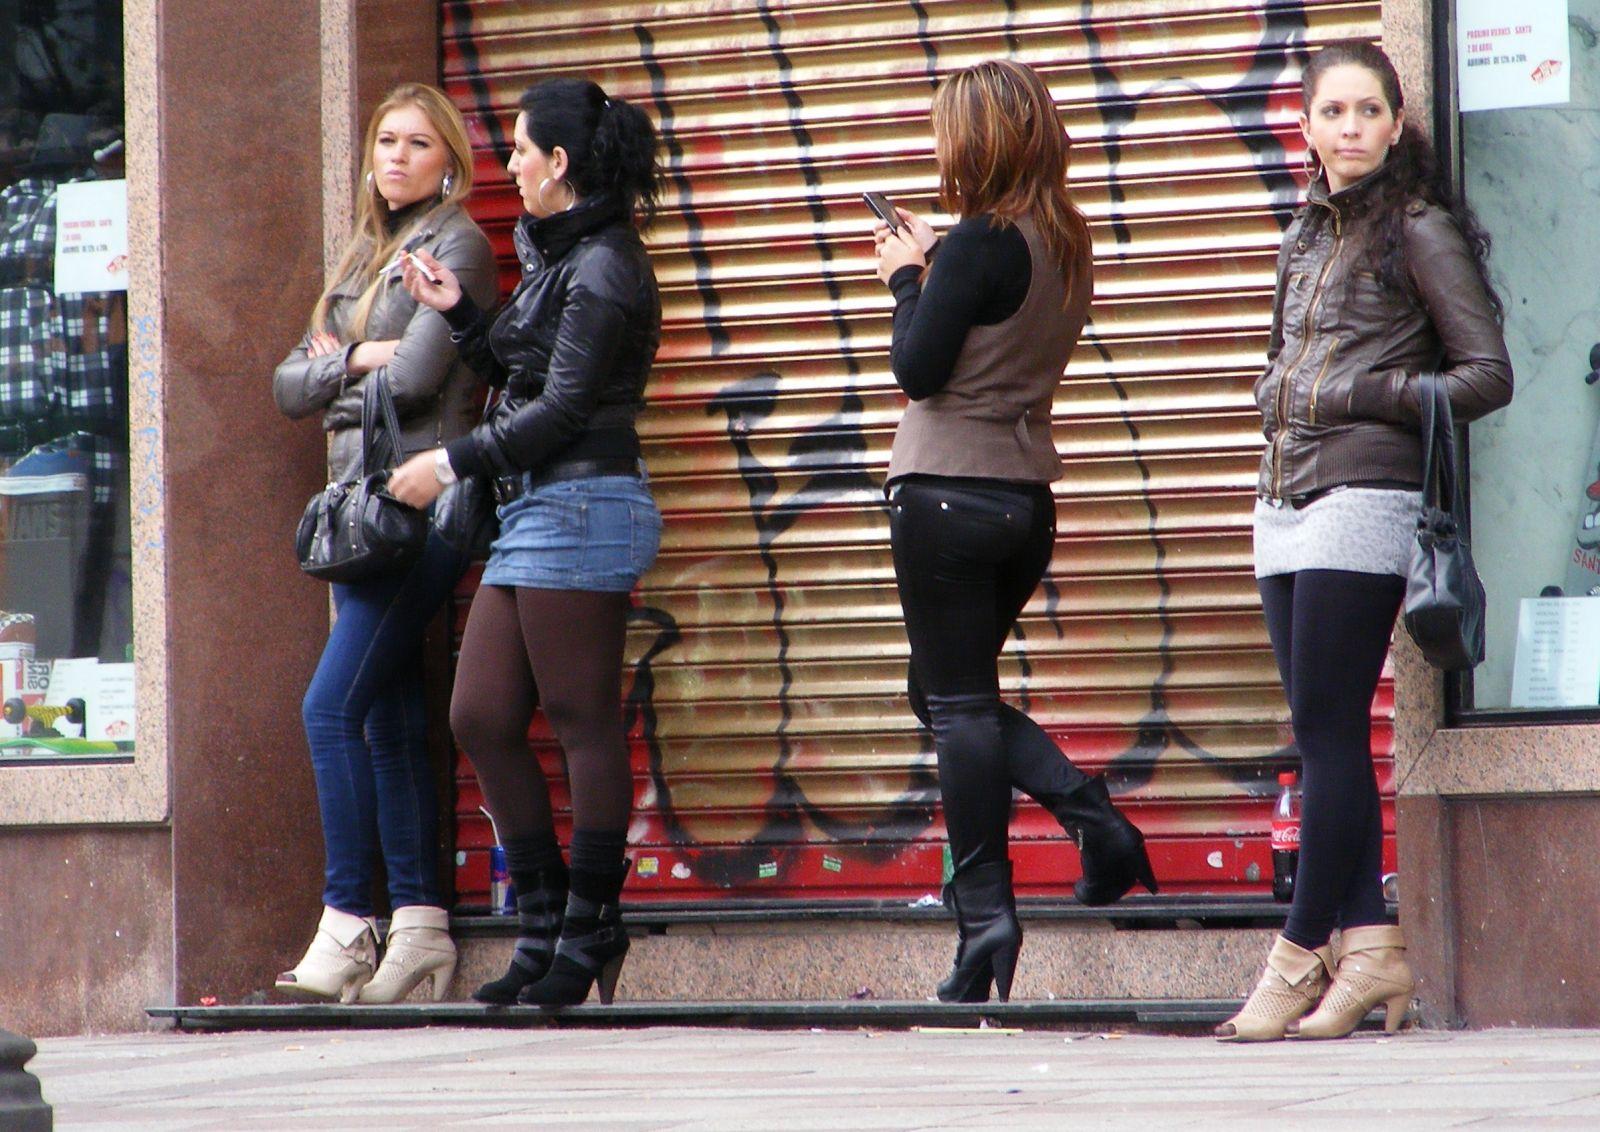 strani-legalizovavshie-prostitutsiyu